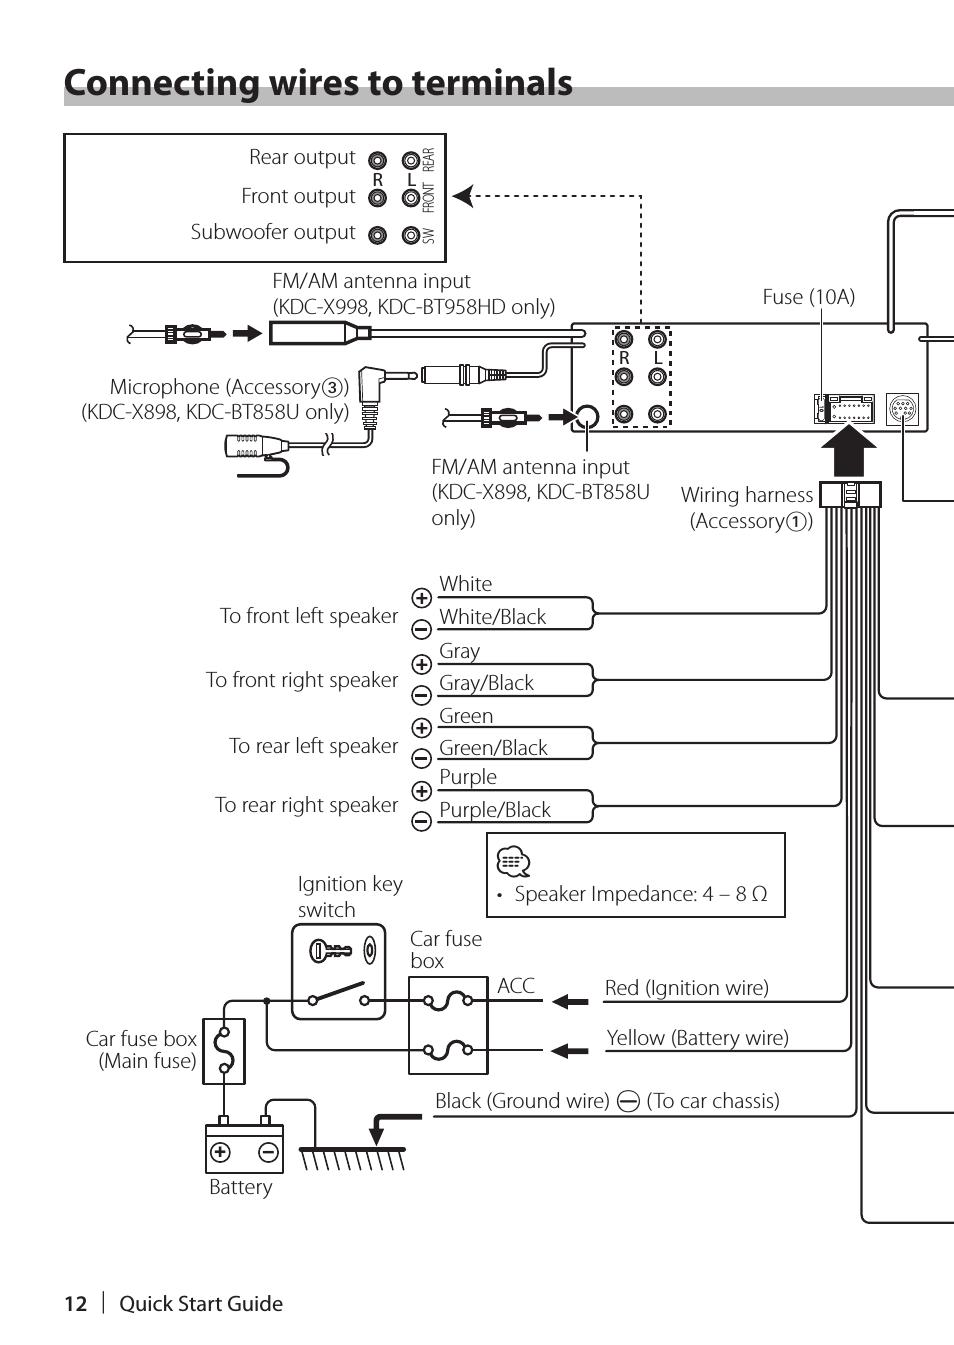 vo_5513] wiring diagram for a kenwood kdc mp205 wiring diagram kdc mp235 wiring diagram kenwood 16 pin wiring harness diagram lexor odga unbe gresi skat salv mohammedshrine librar wiring 101